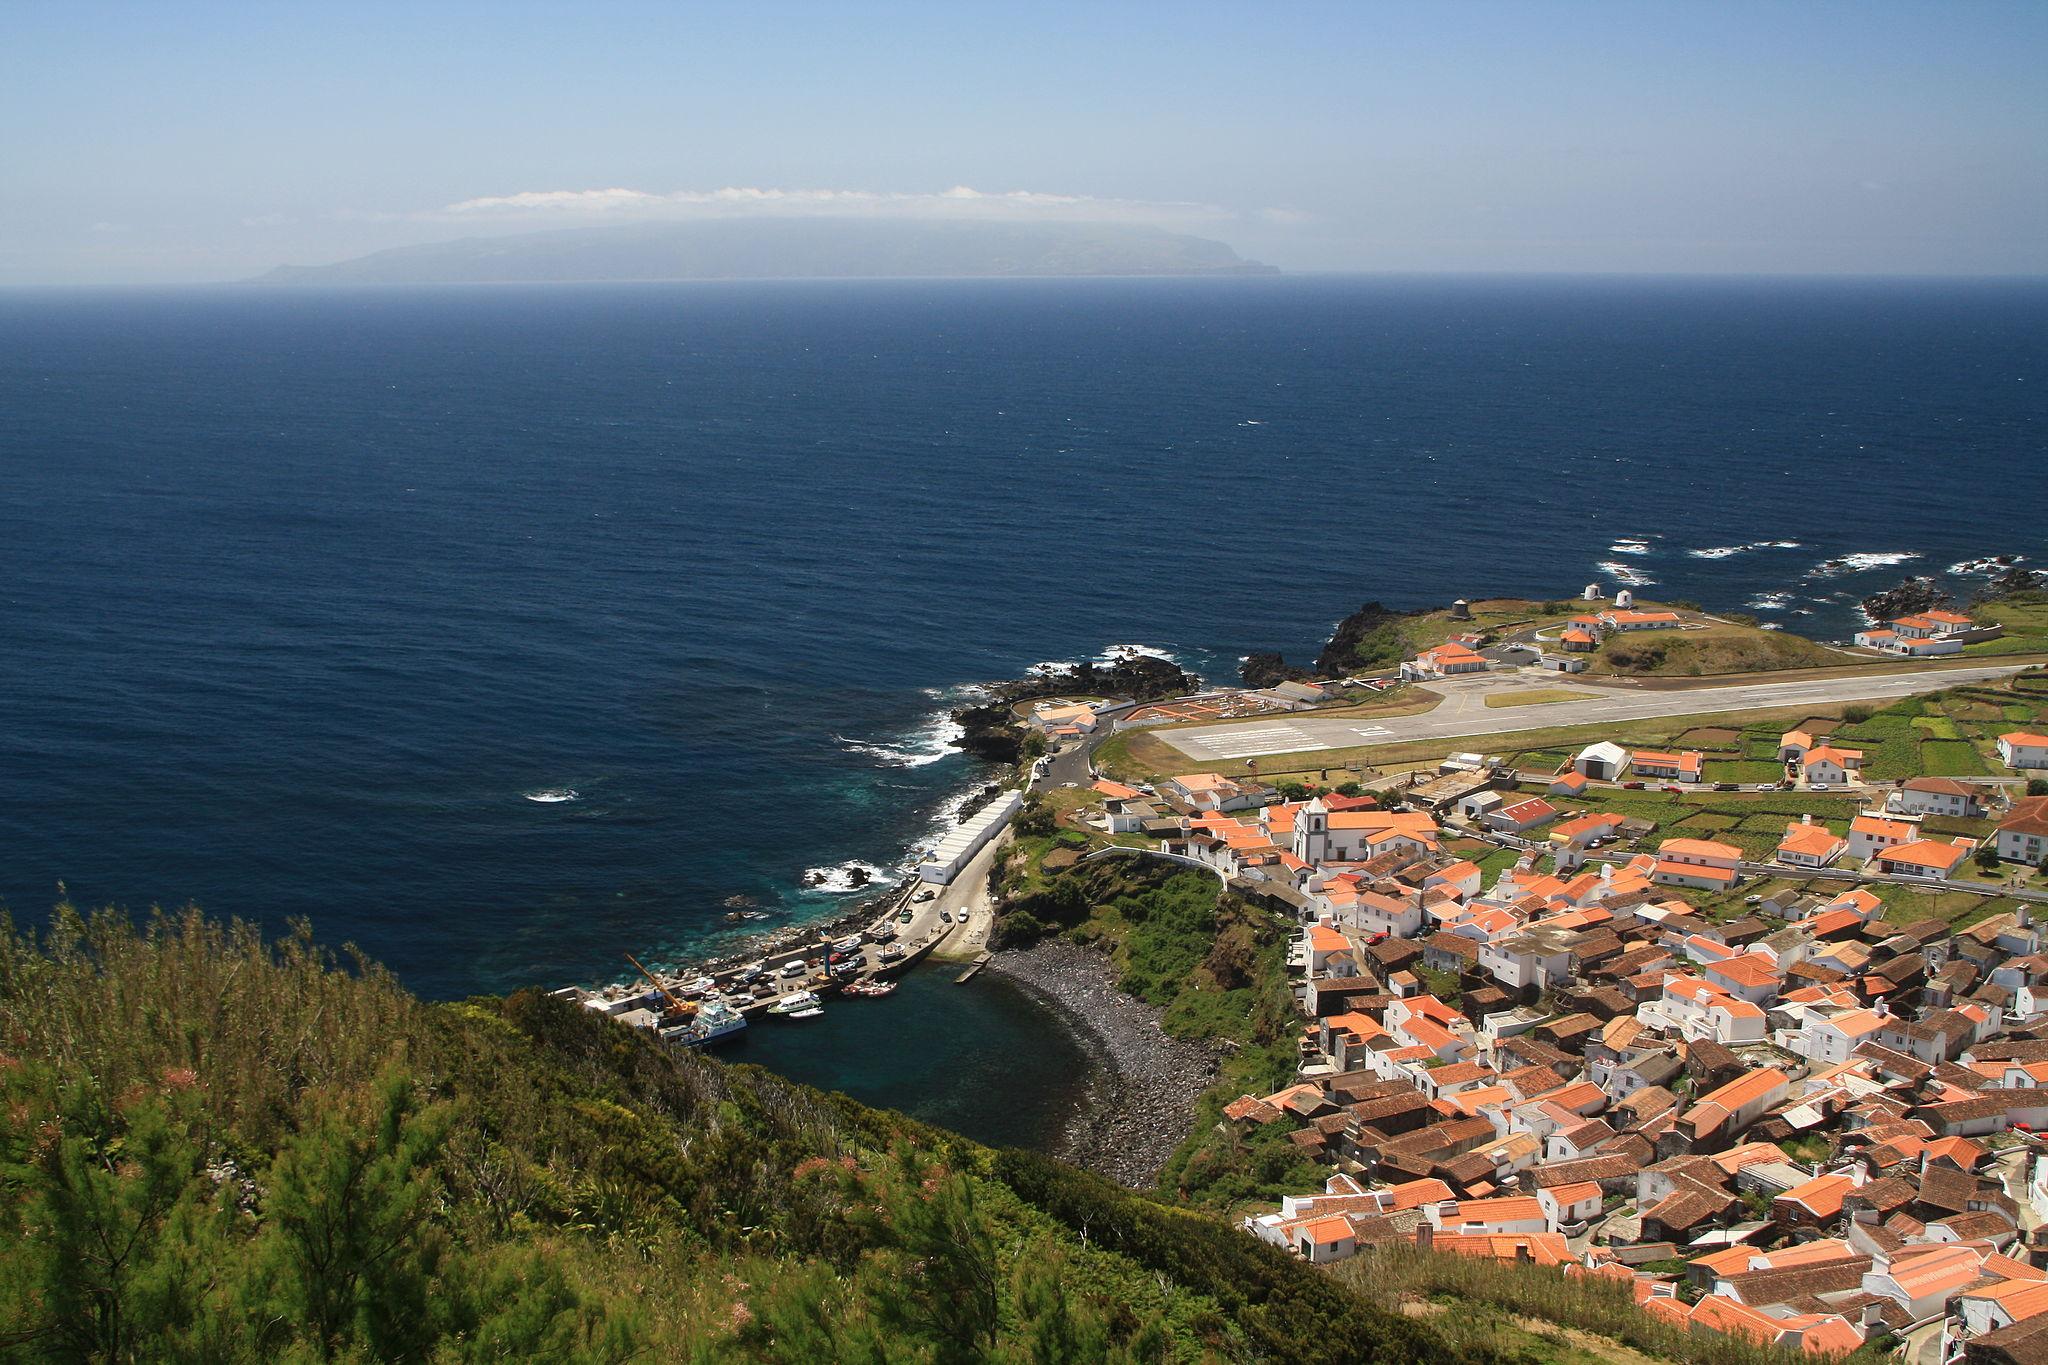 Vila Nova do Corvo - Foto by Dreizung (Own work) [Public domain], via Wikimedia Commons